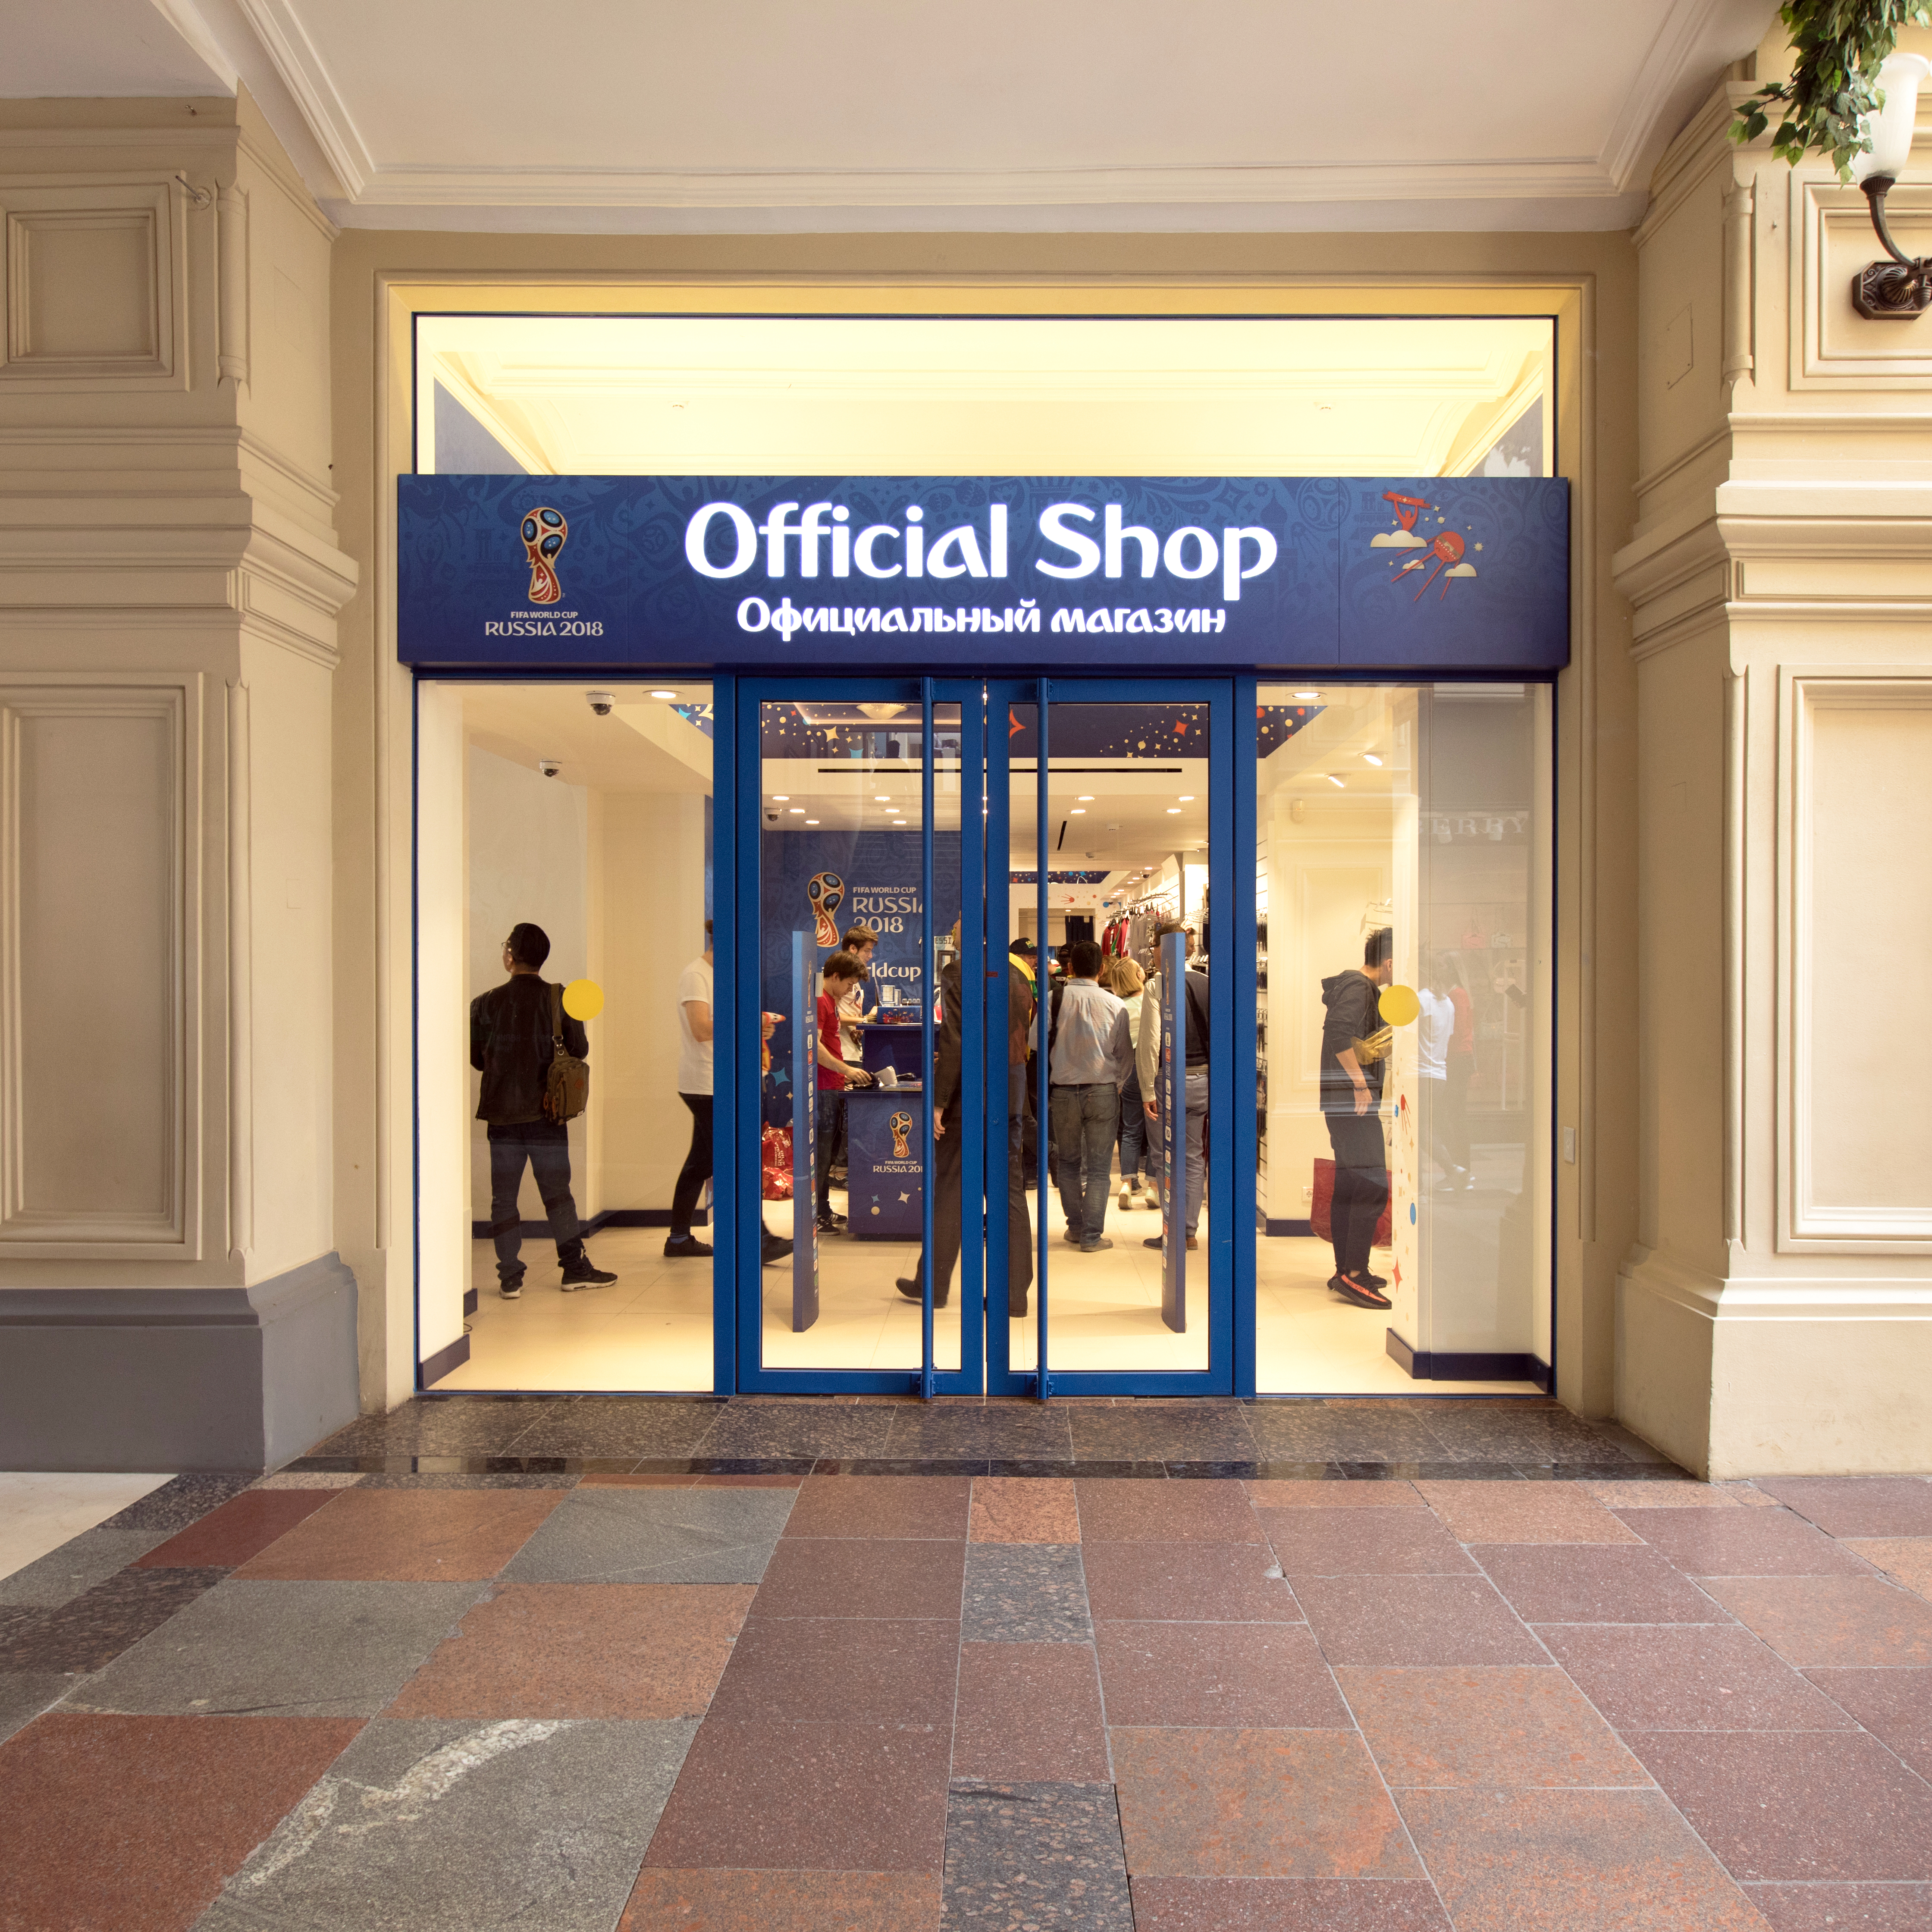 564a5296_fifa_entrance